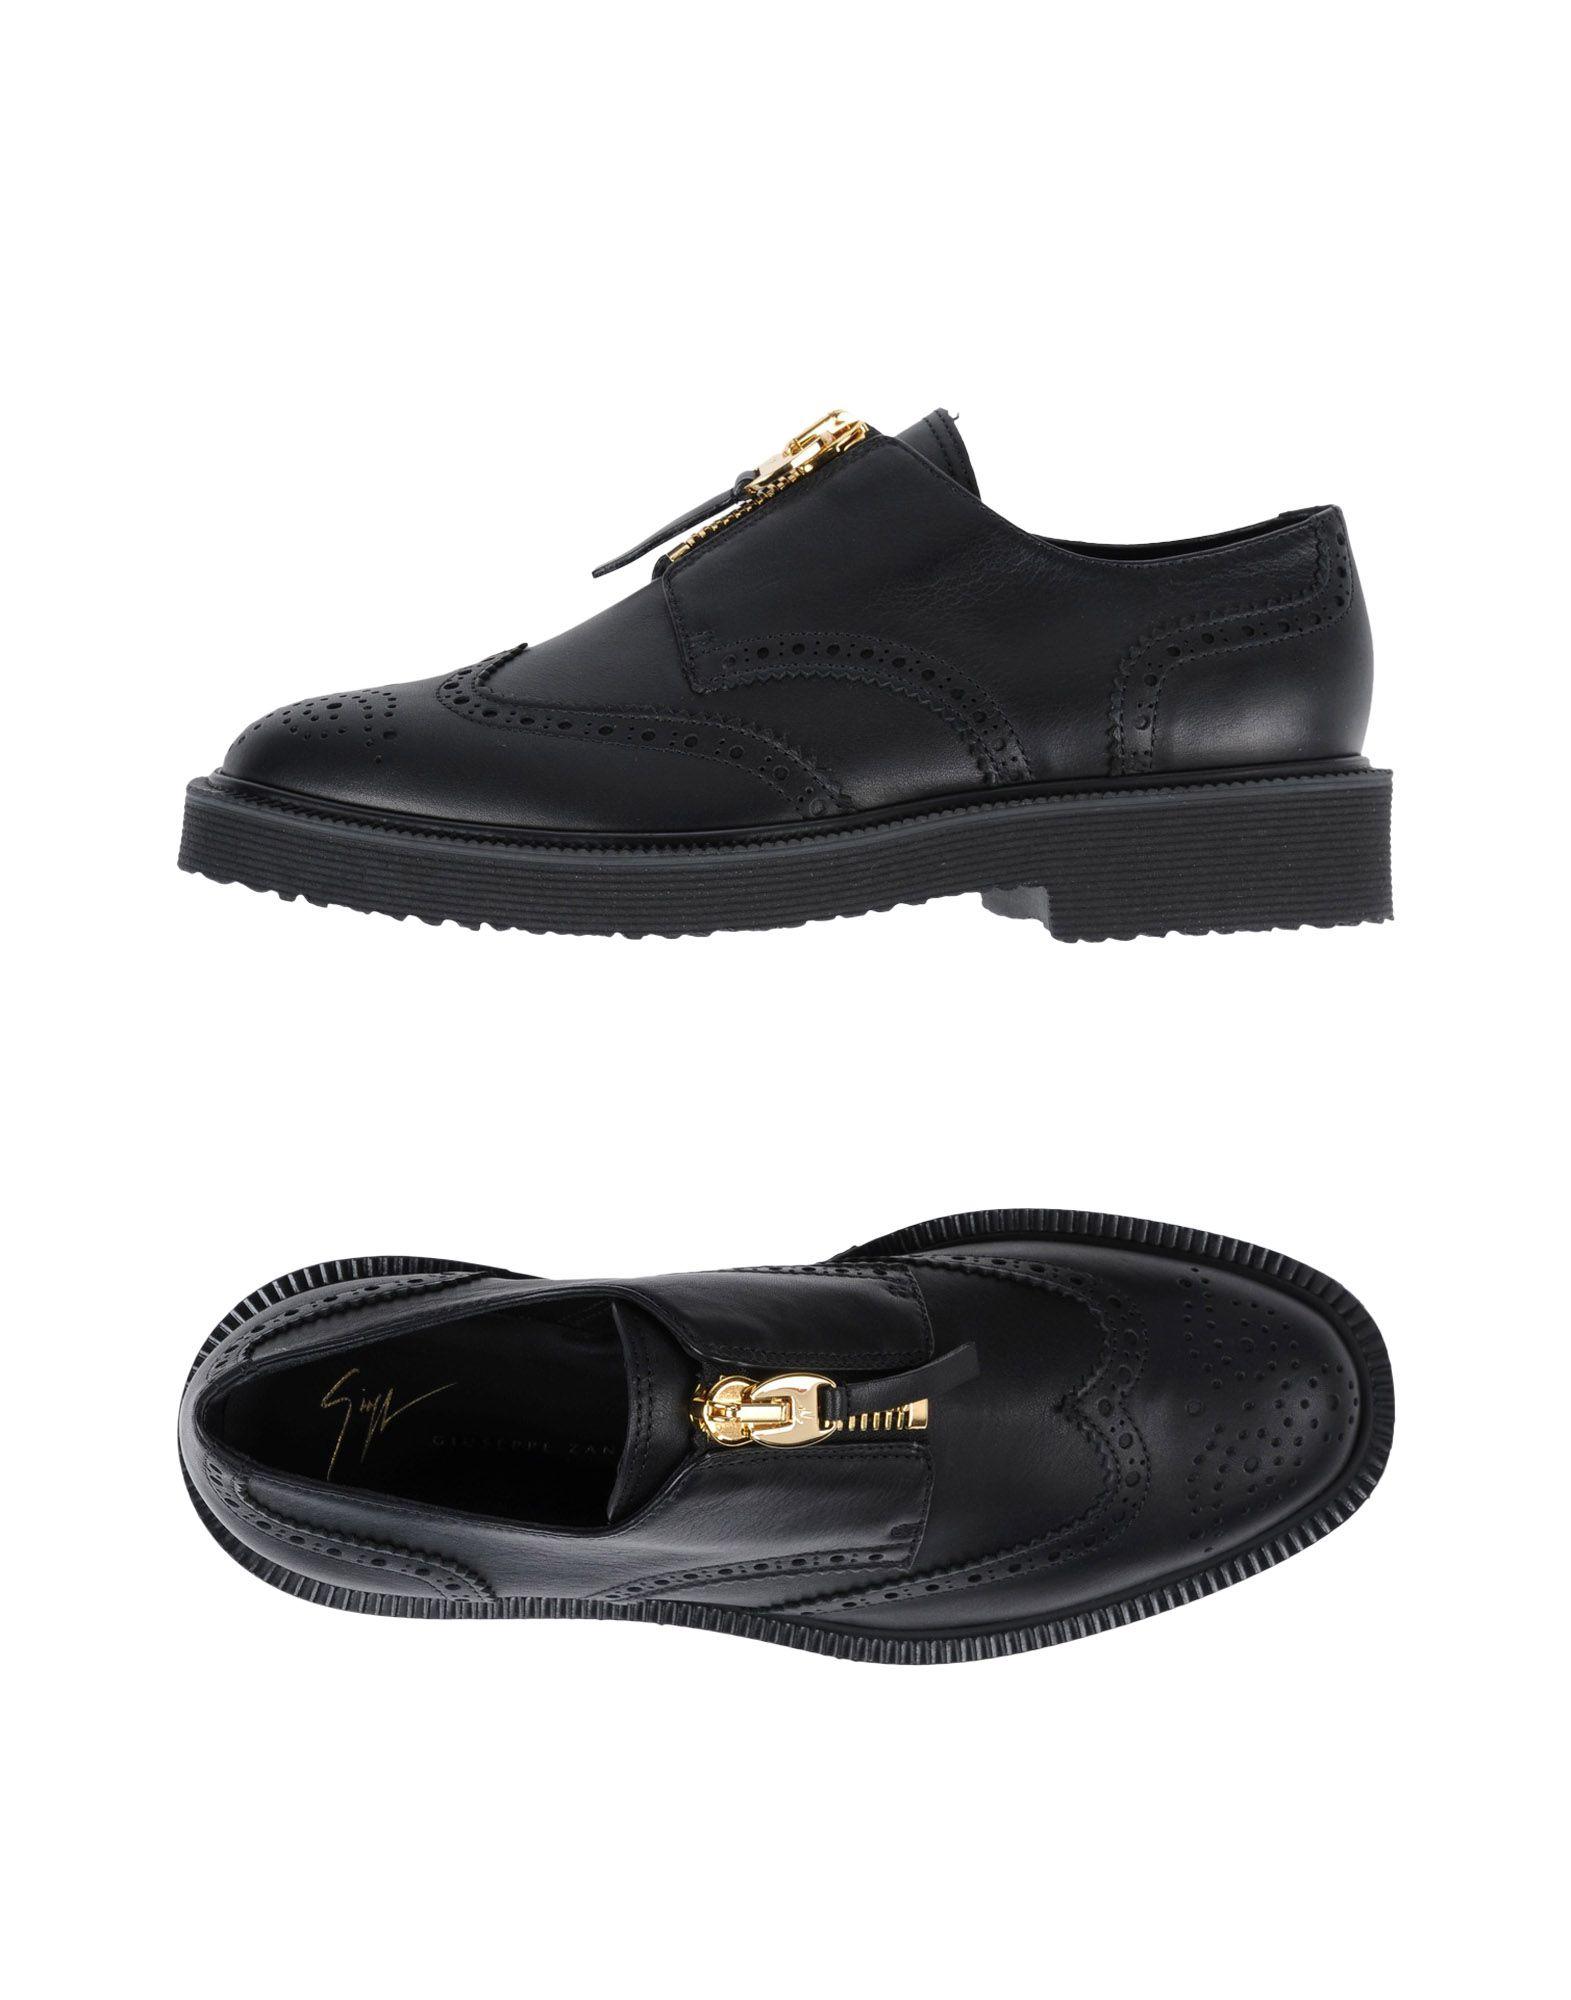 Giuseppe Zanotti Schnürschuhe Damen Schuhe  11445949DRGünstige gut aussehende Schuhe Damen 7fb8e7